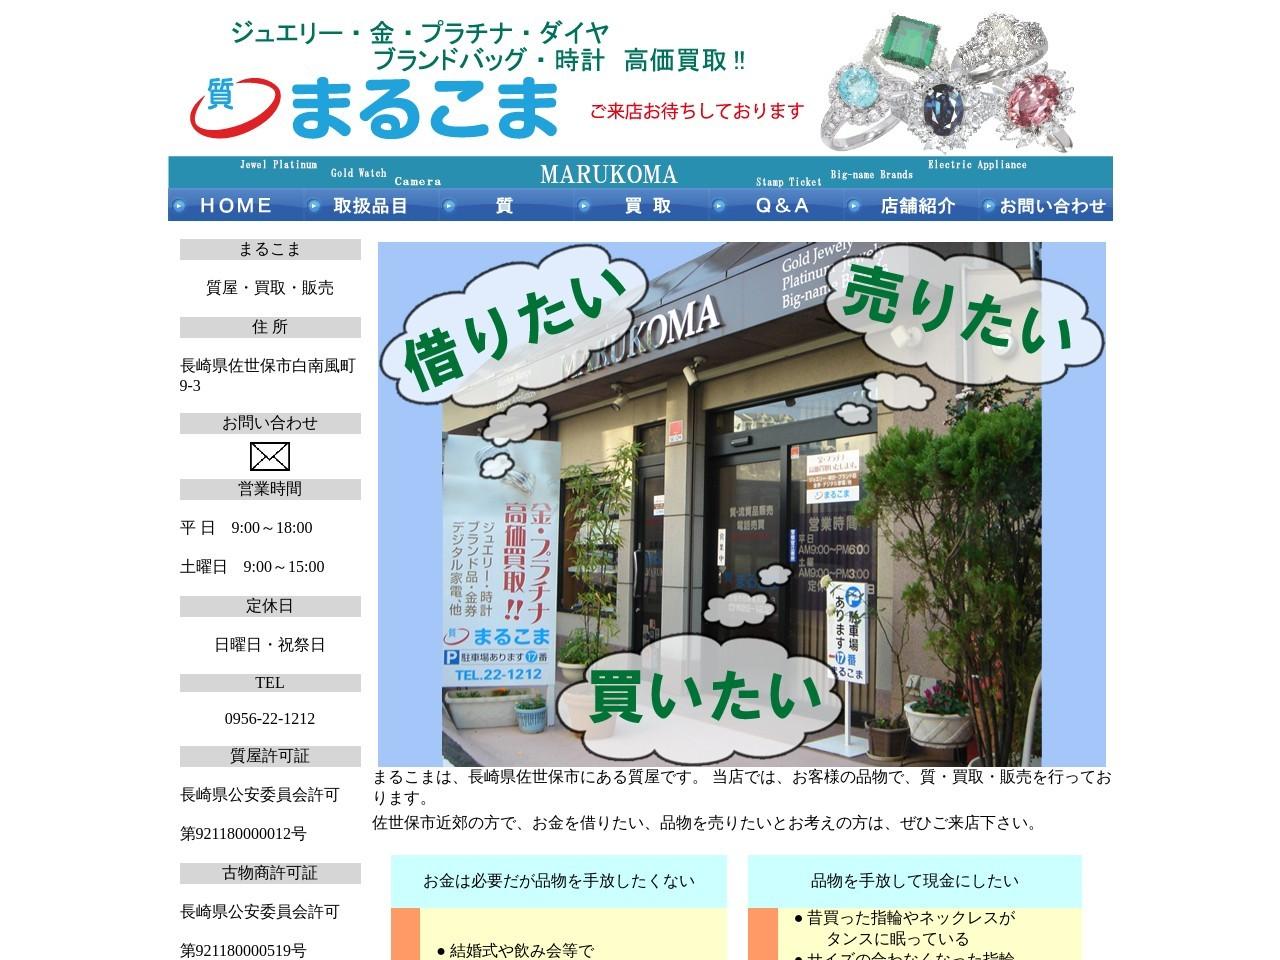 【まるこま】 佐世保駅前本店 質・買取・販売 <質屋>